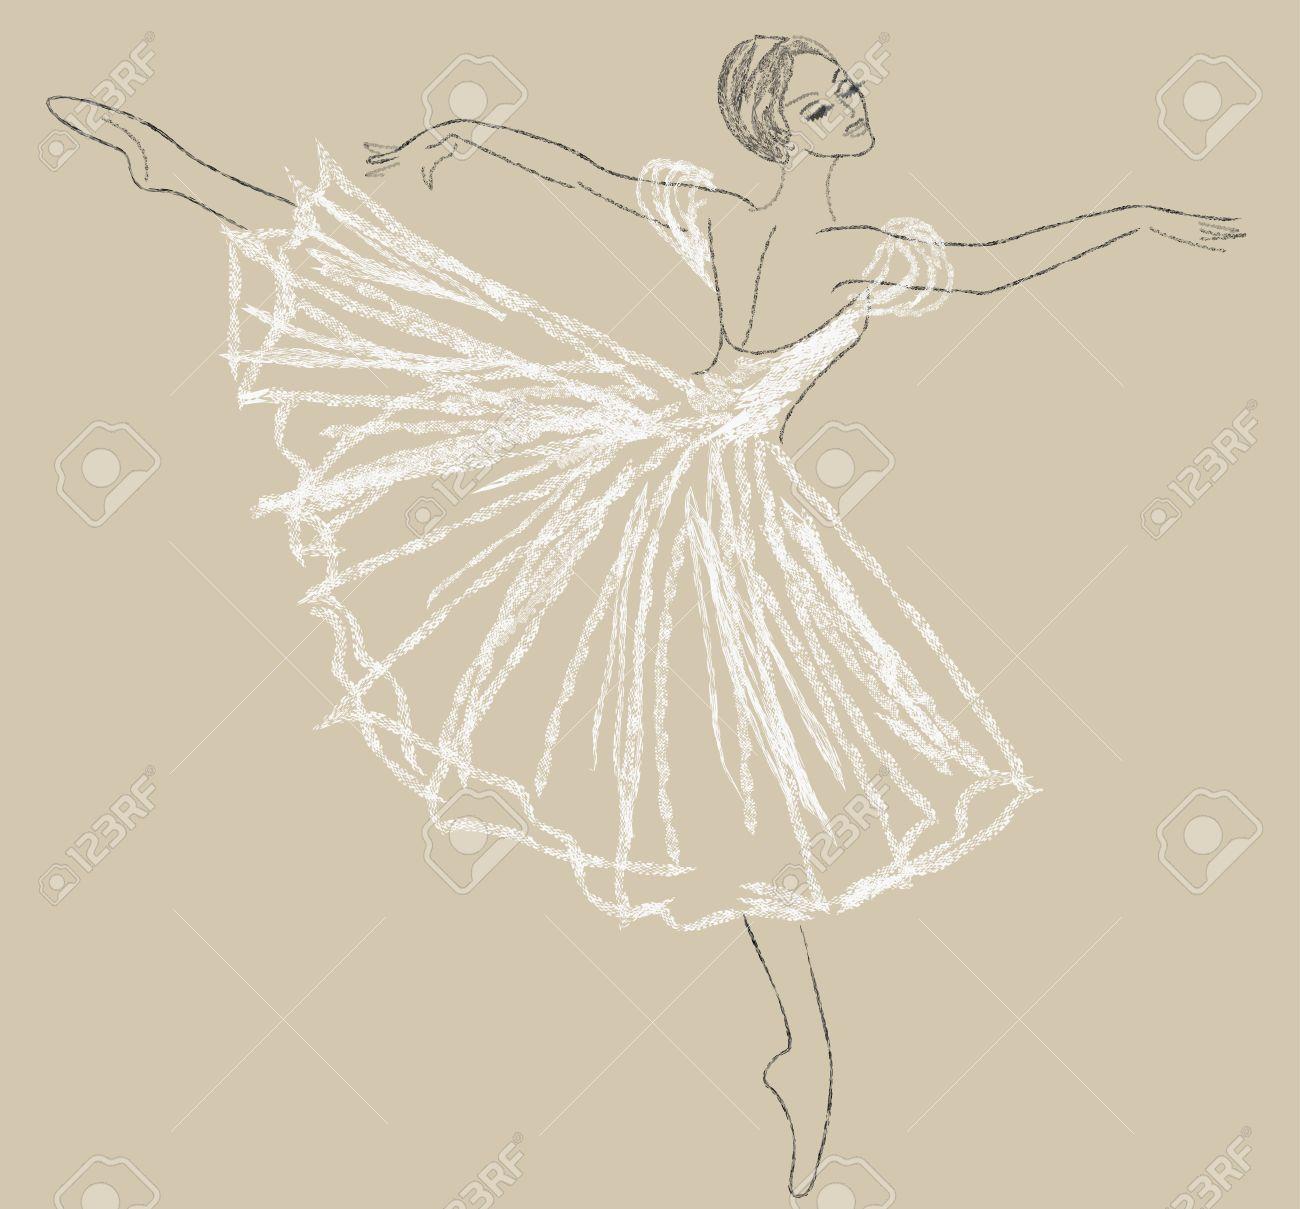 Dibujo A Lápiz Con Bailarina En El Vestido Blanco Ilustraciones